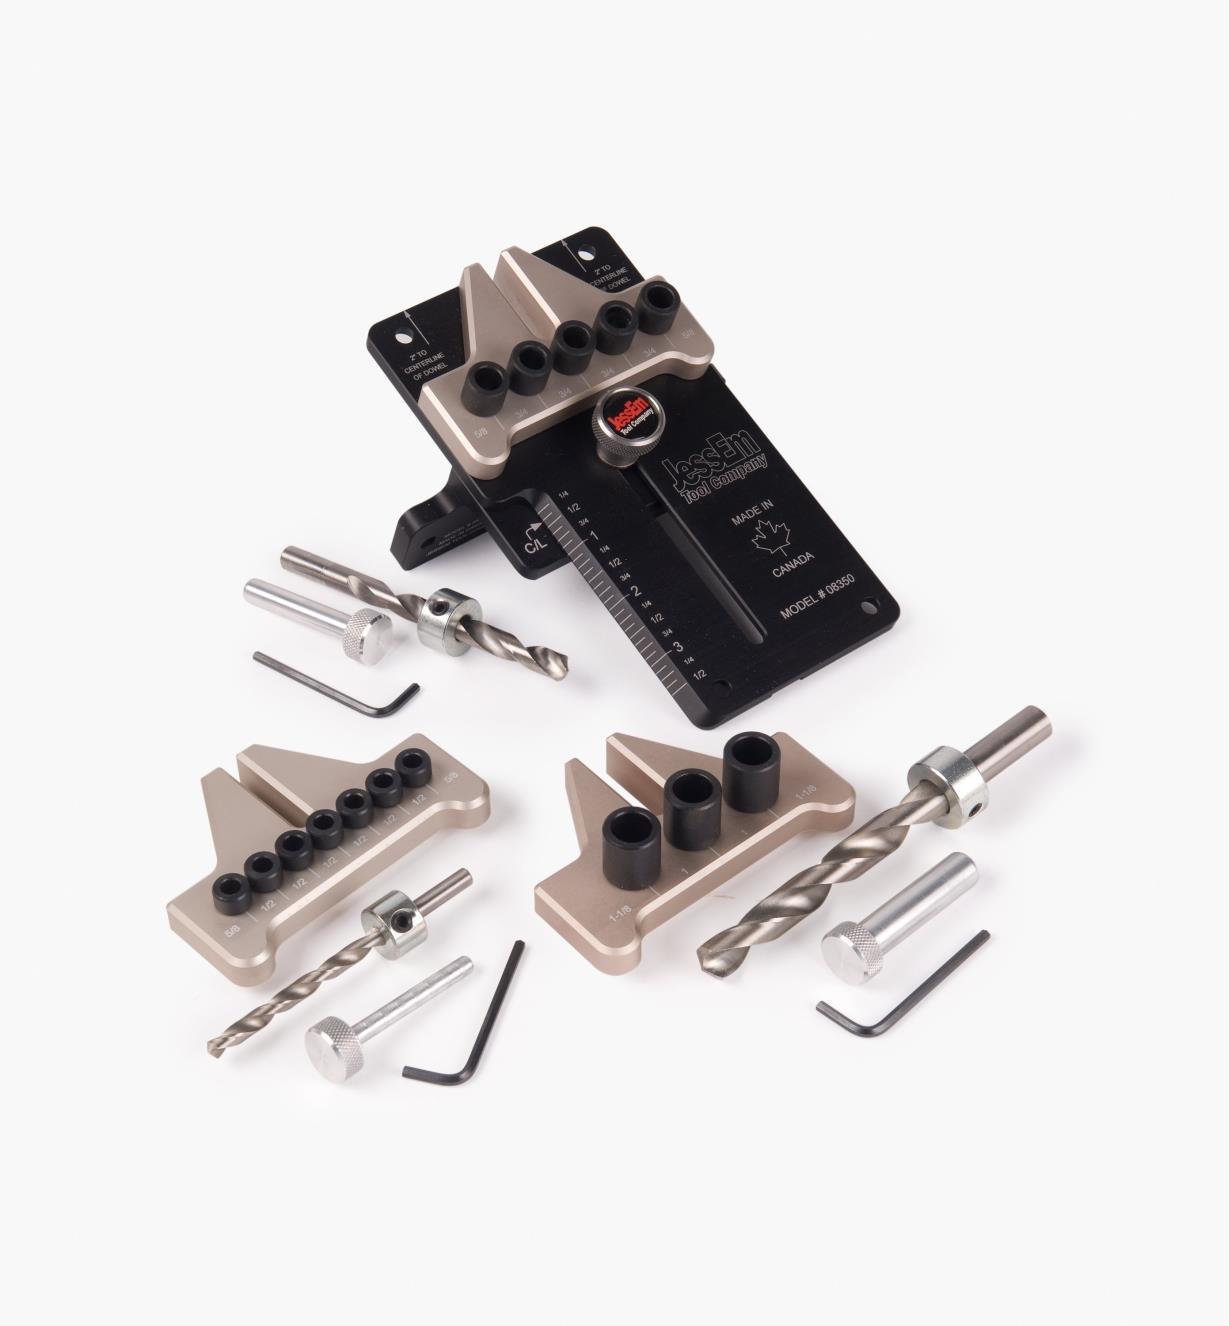 86N4286 - Ensemble complet JessEm  (gabarit à goujonner et tous les accessoires)